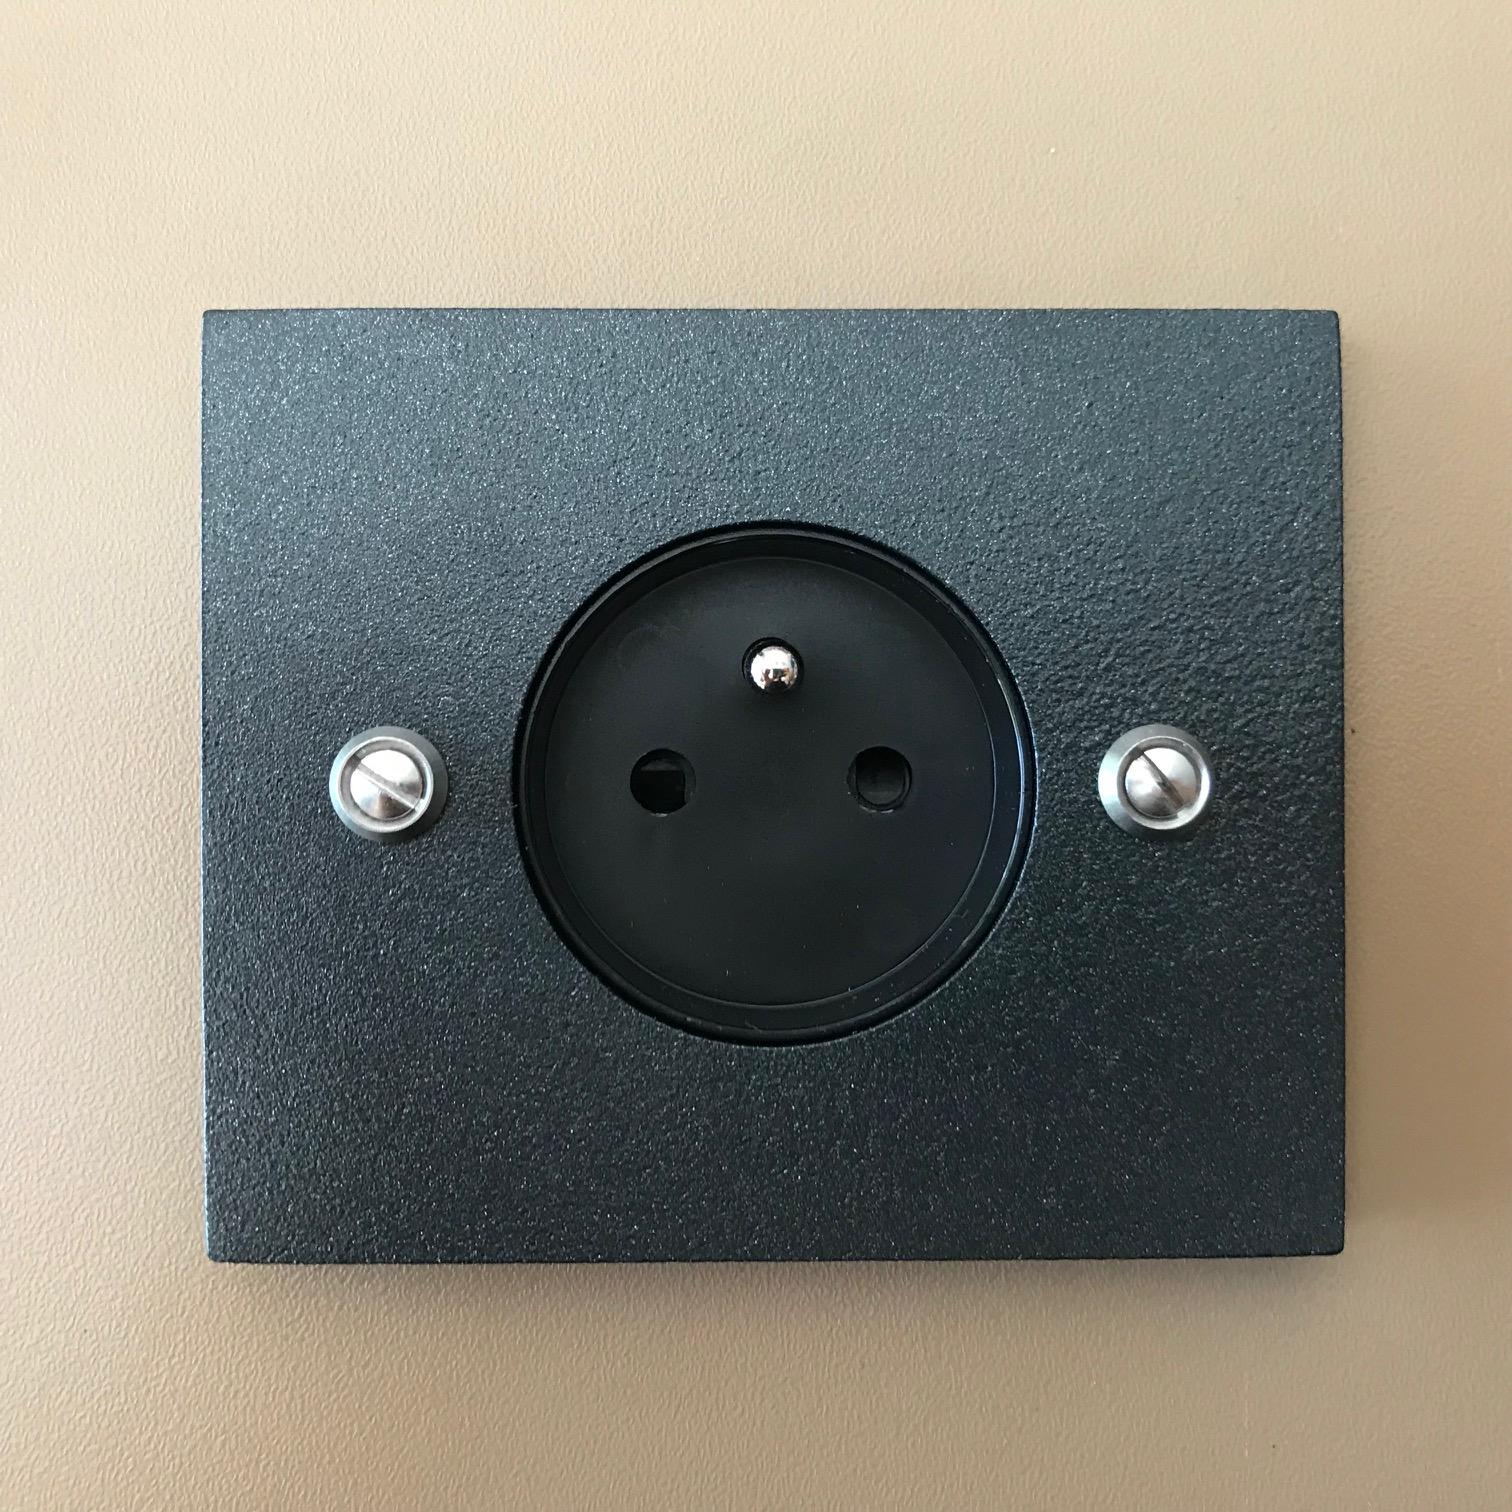 prise noir rectangle interrupteurs et prises au design r tro pour une d co vintage. Black Bedroom Furniture Sets. Home Design Ideas